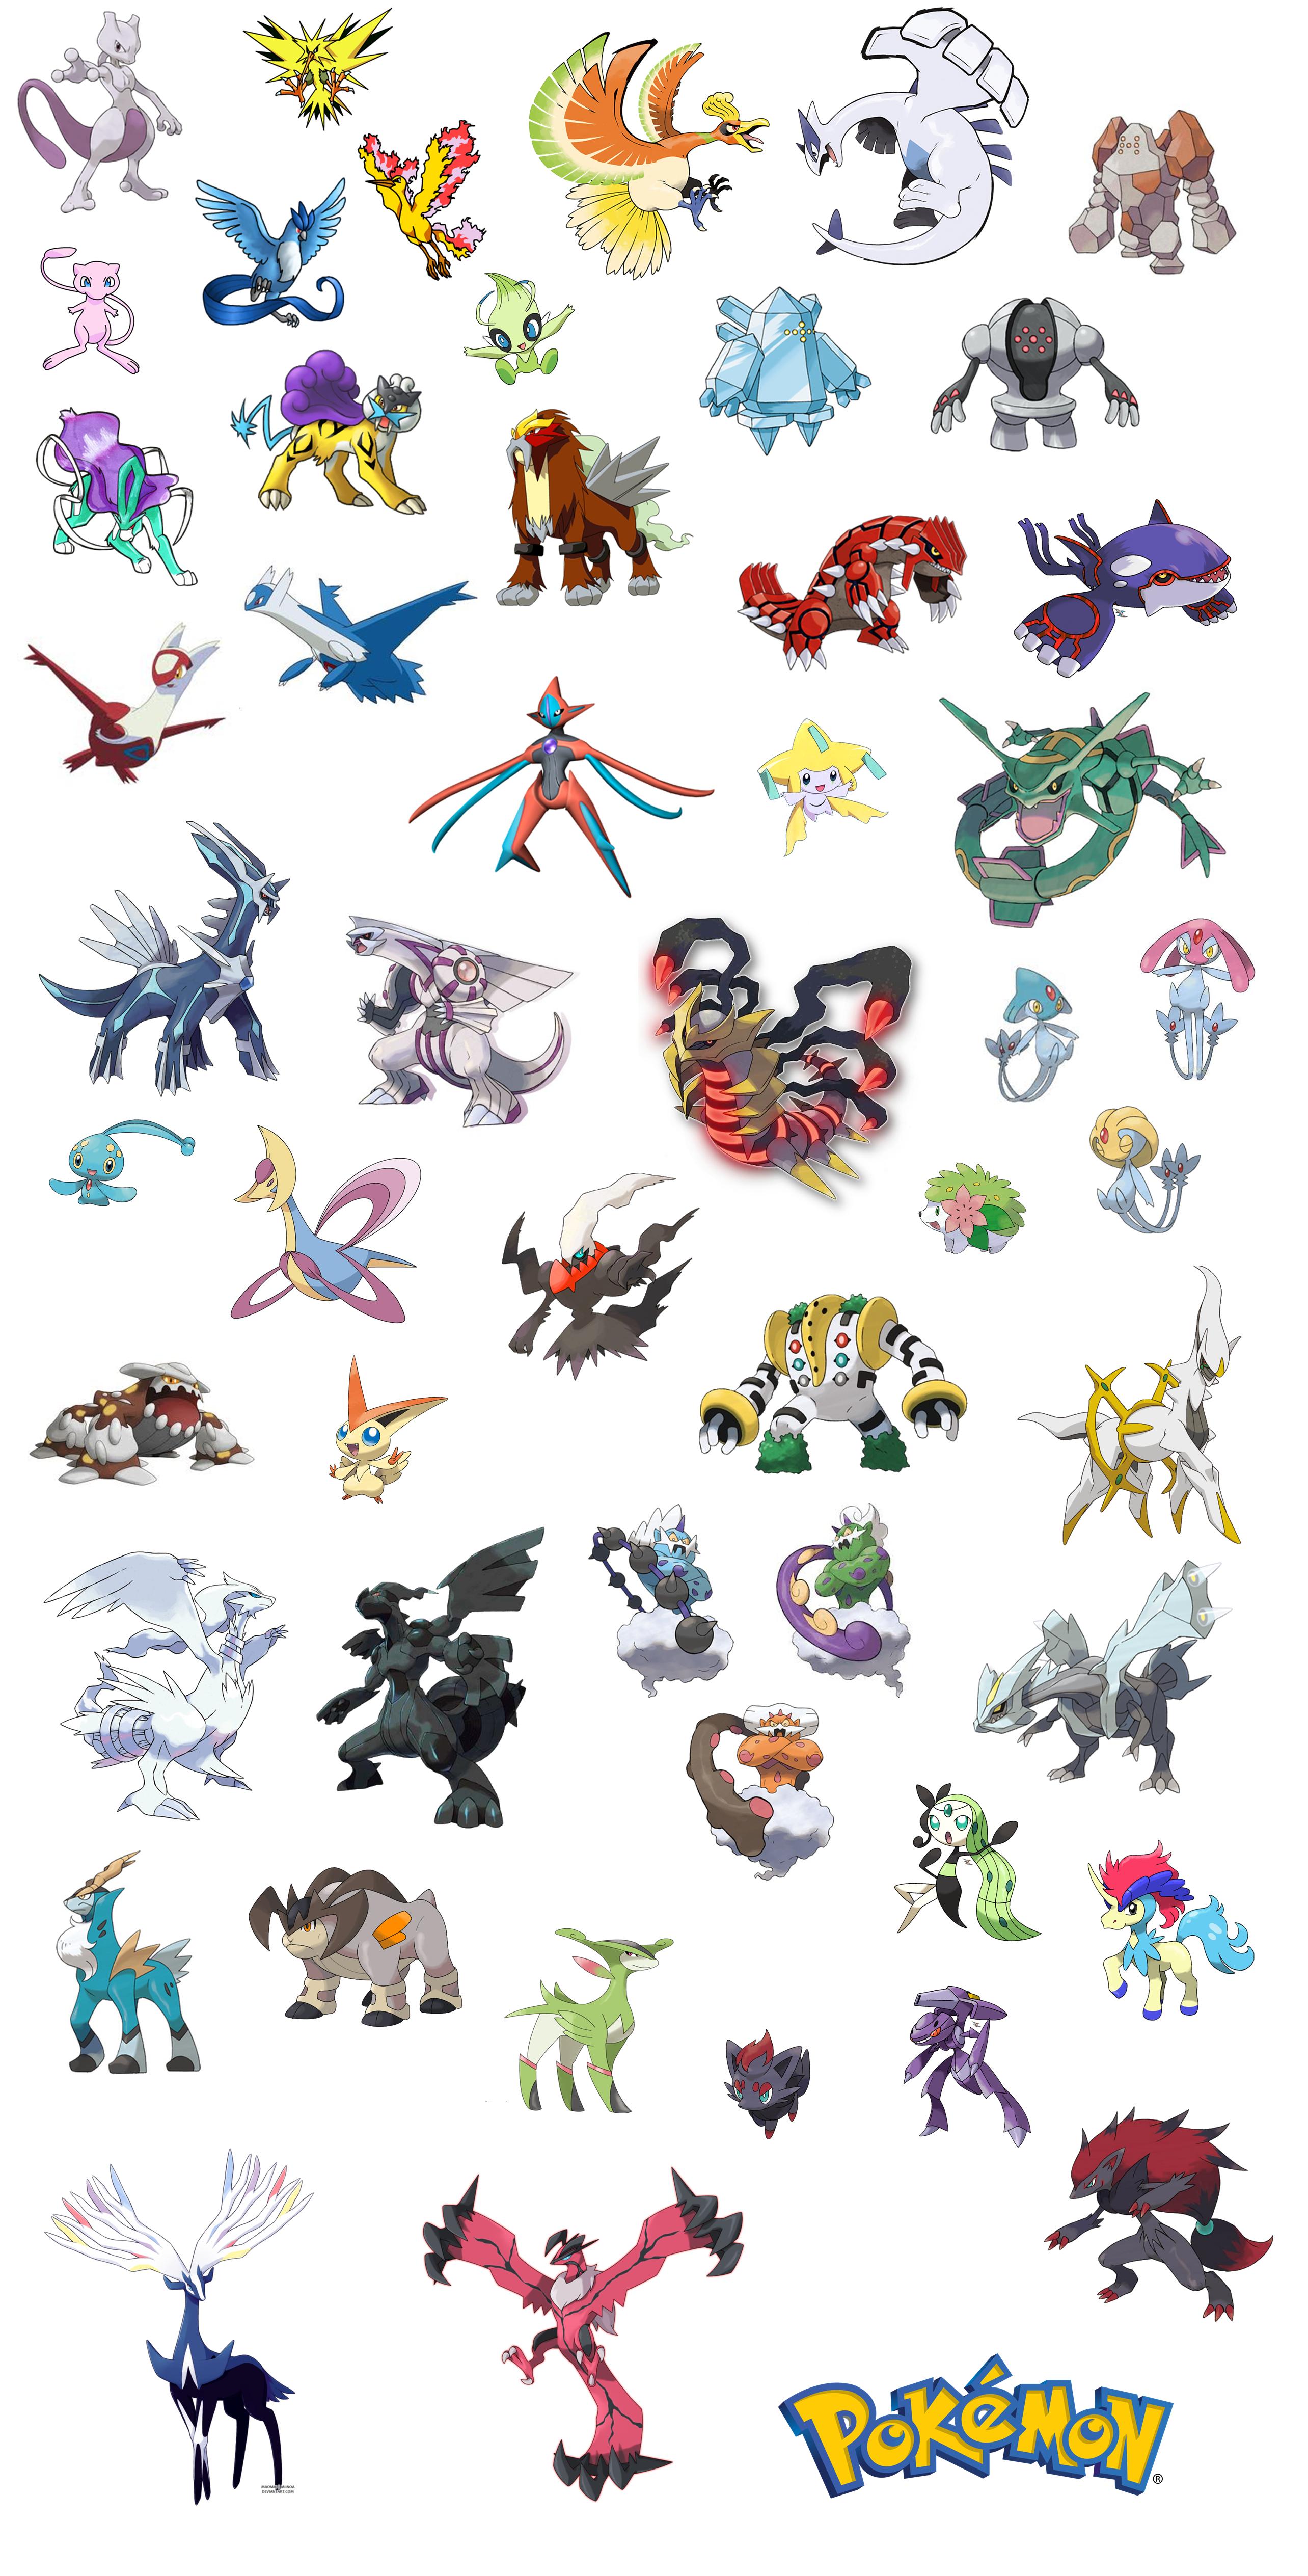 Legendary Pokemon Images | Pokemon Images